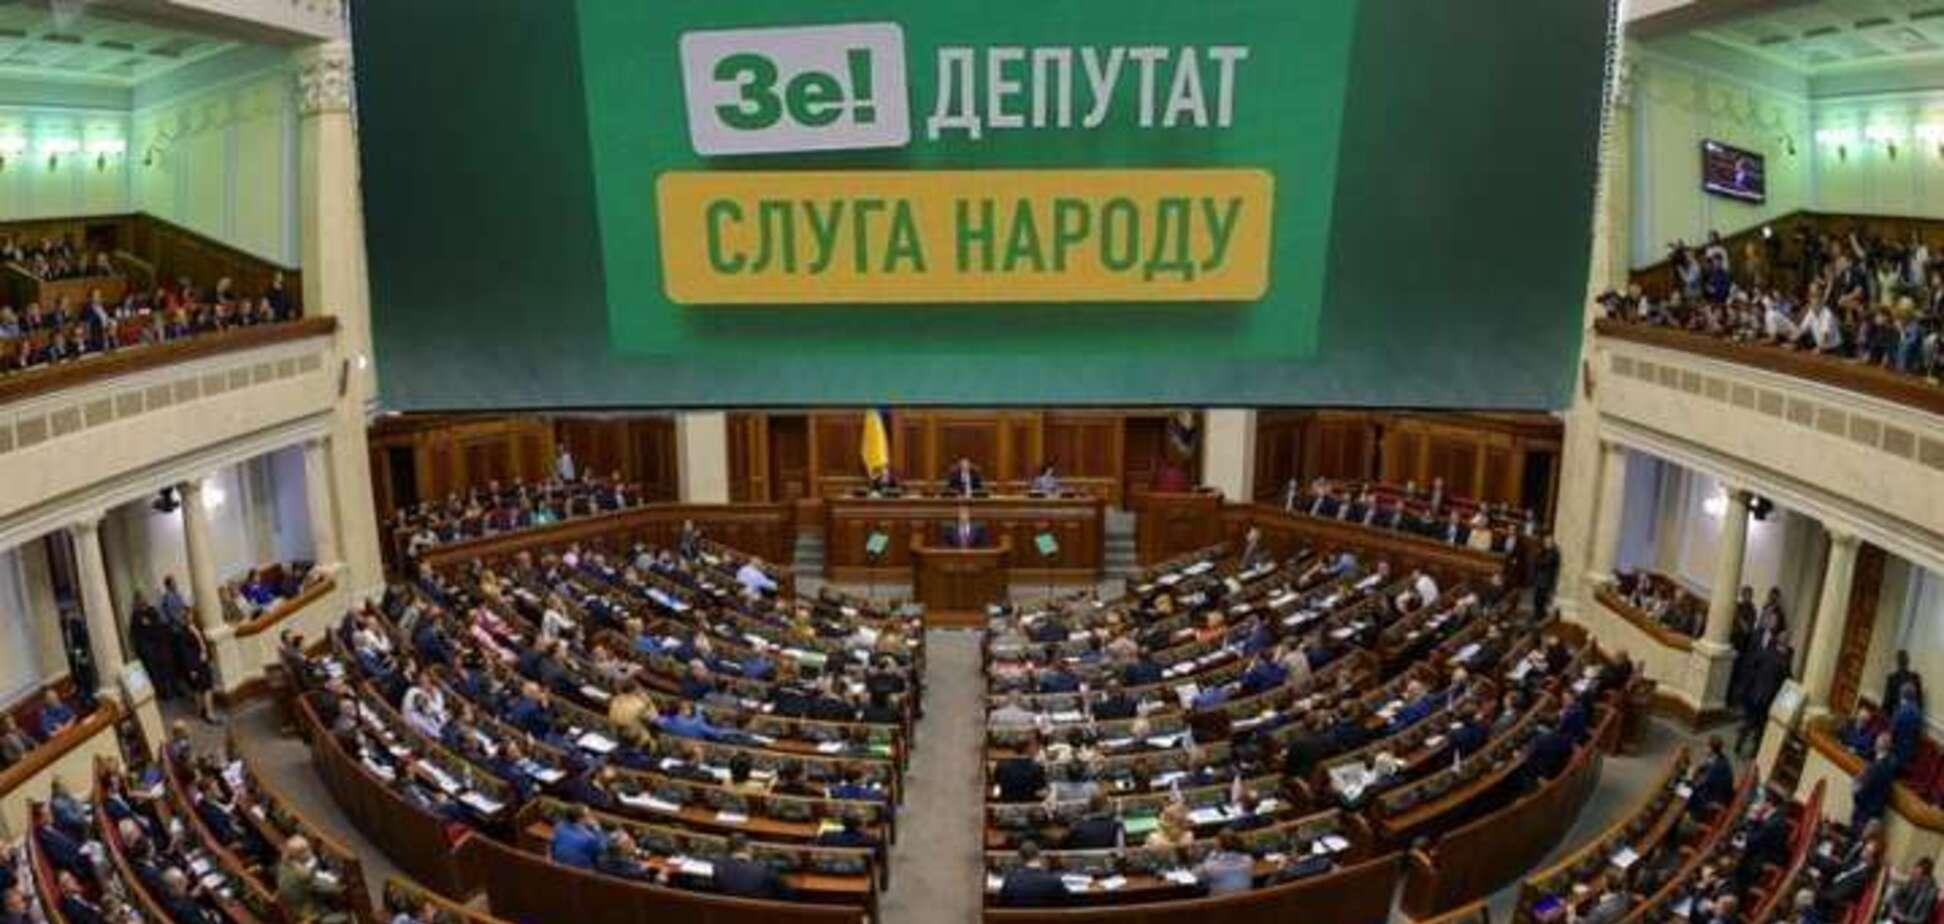 Украинцы заплатят за каждого нардепа по 350 тысяч гривен: что известно